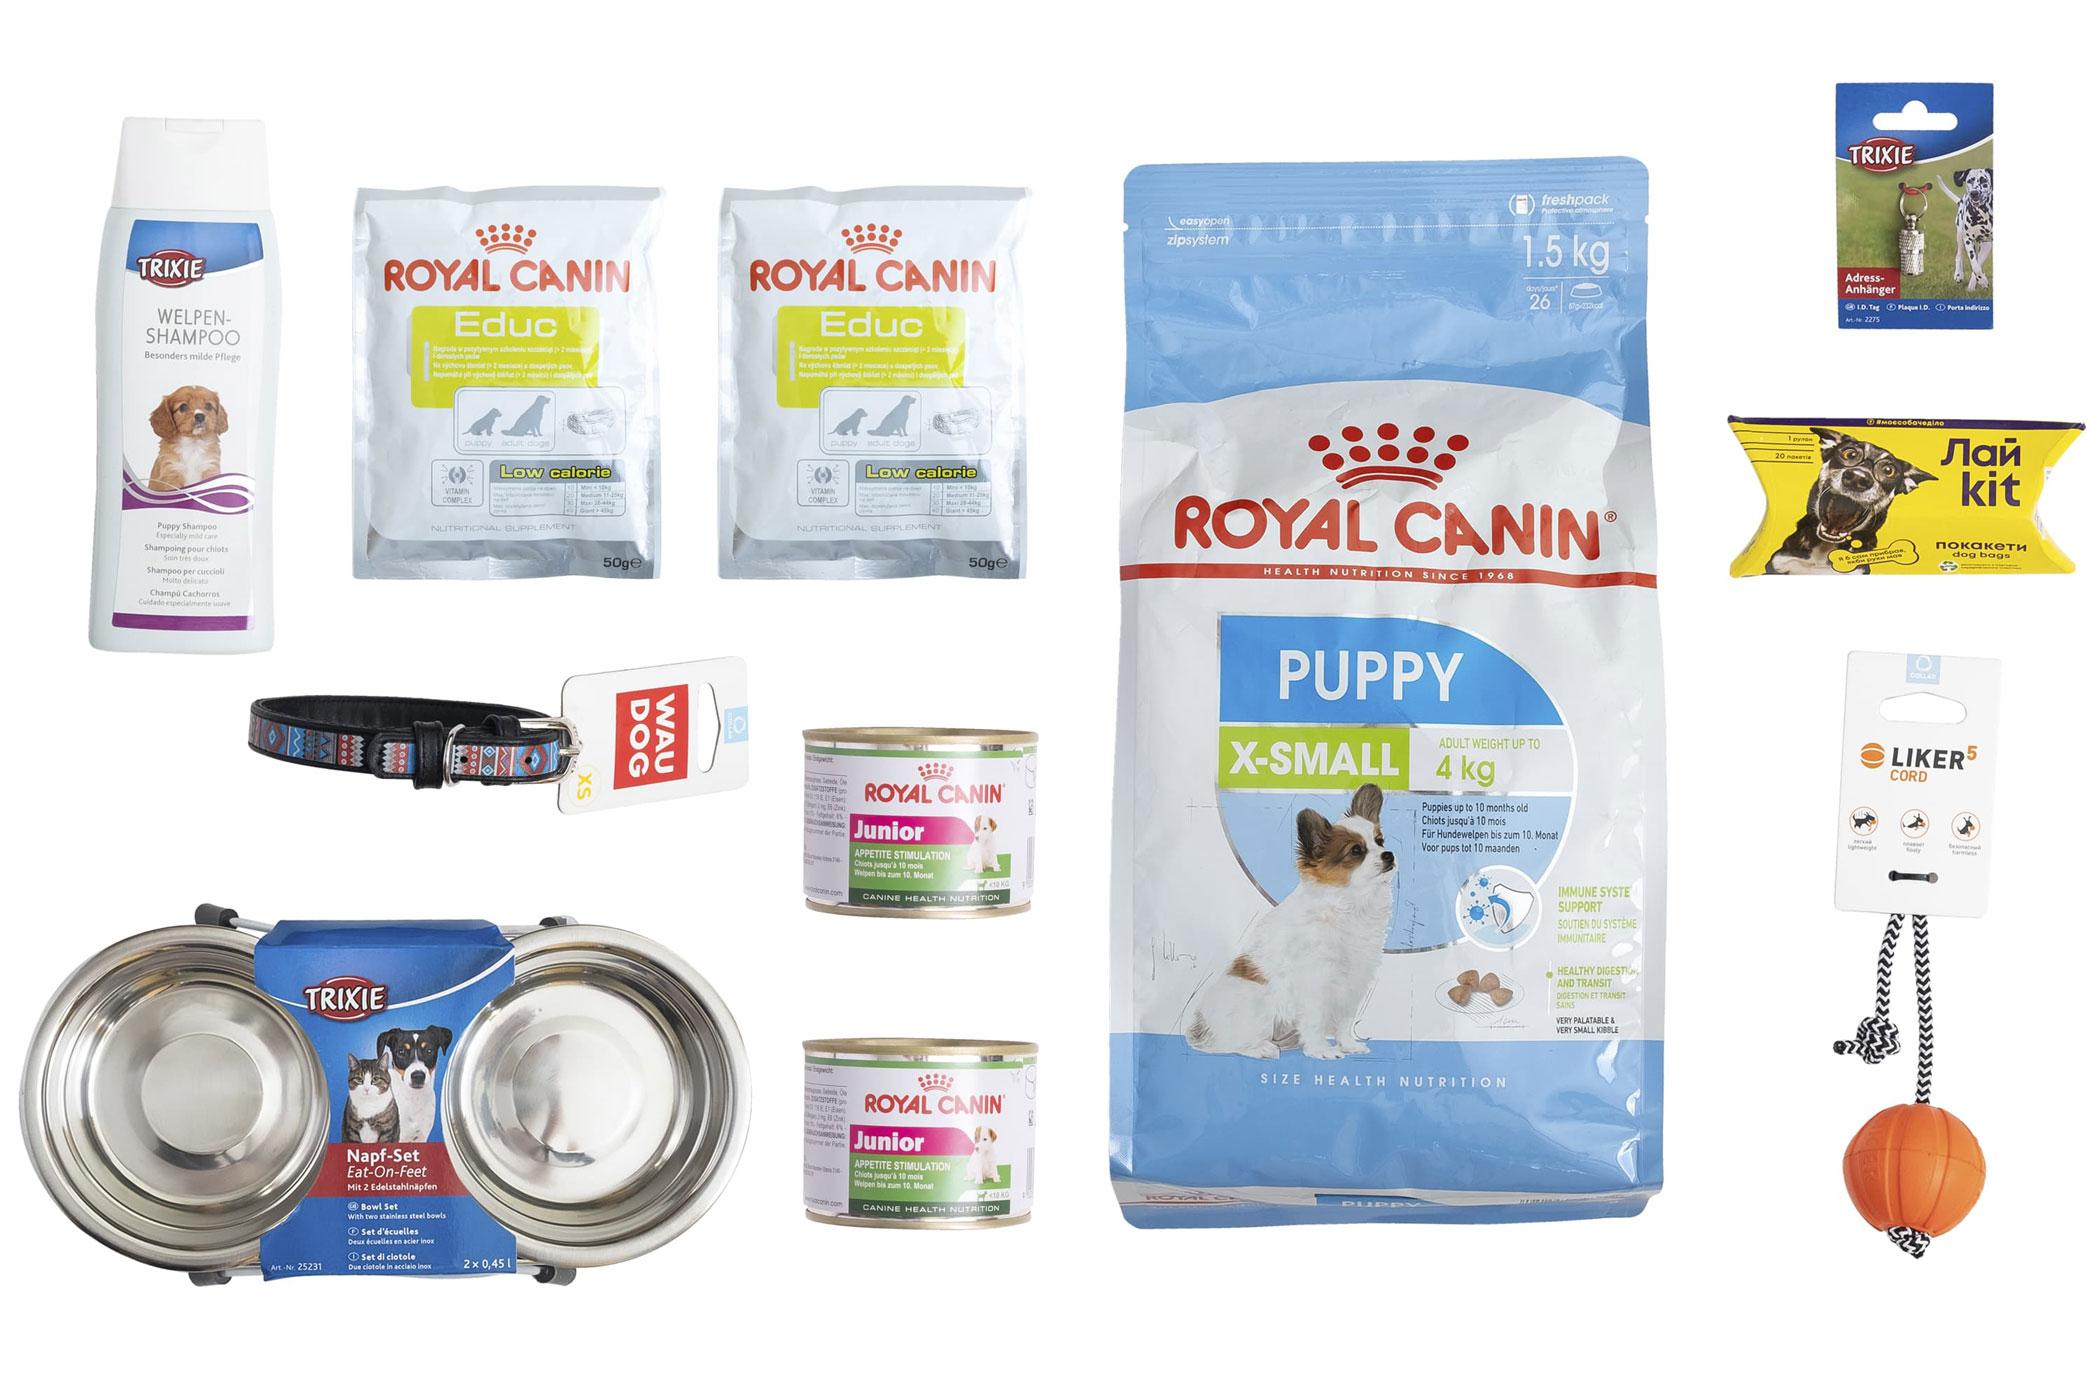 Royal Canin X-Small Puppy – Стартовий набір для цуценят мініатюрних порід